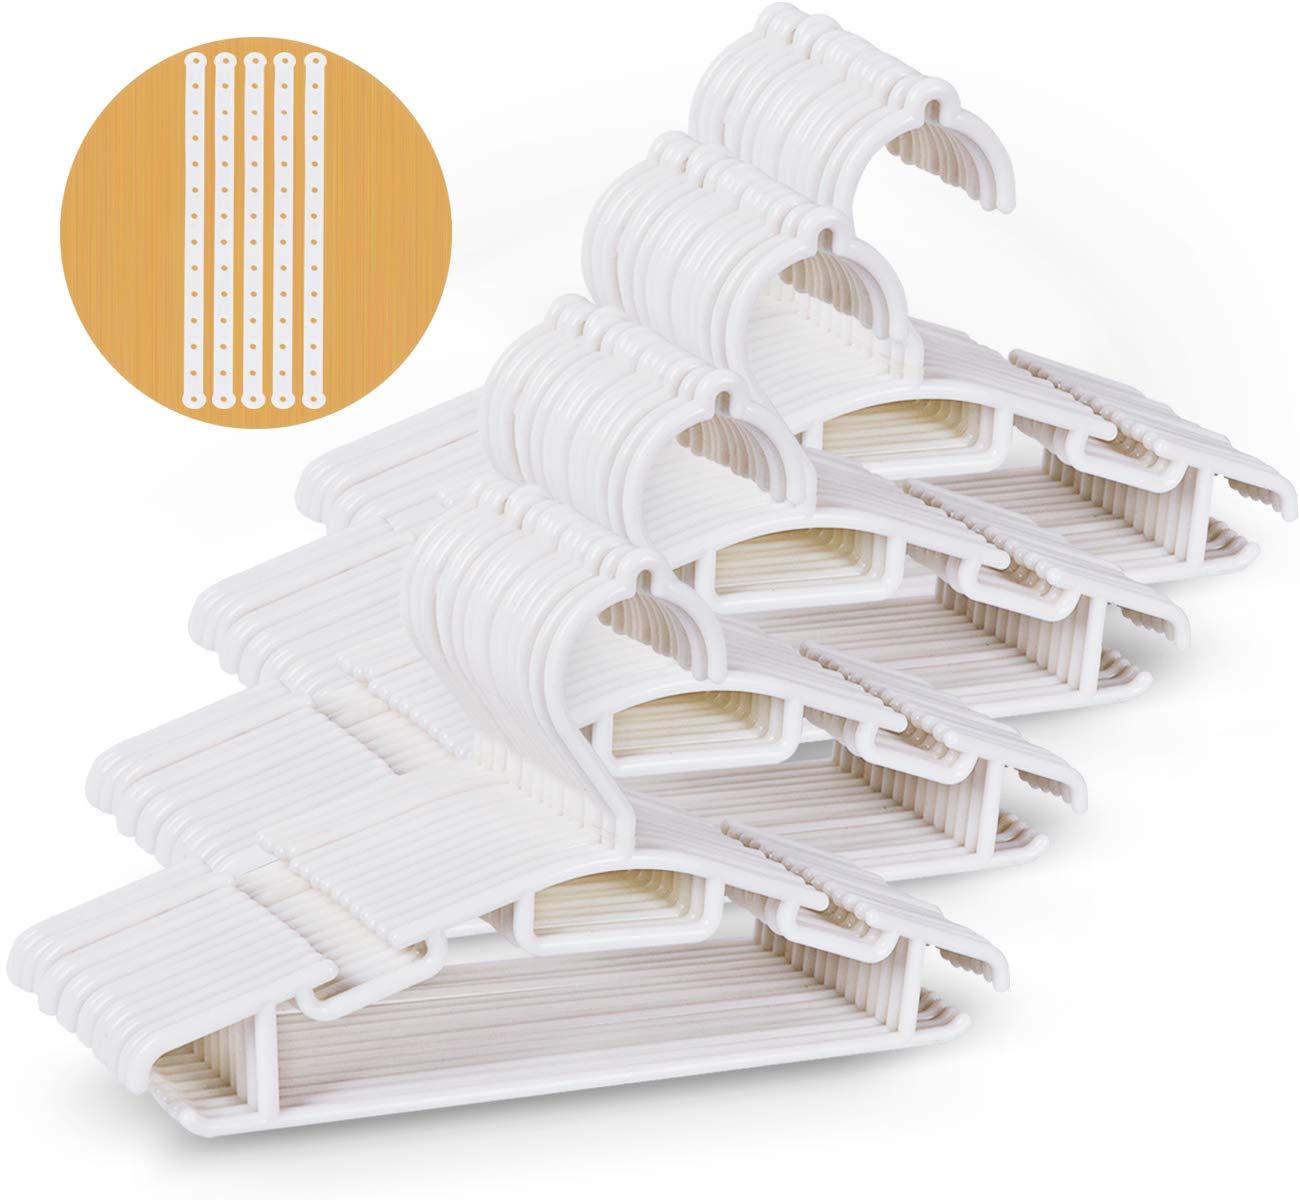 60 Pack Non-slip White Tubular Children's Hangers 12 Inch for Kids Baby Infant Toddler with Plastic Hanger Straps by ilauke